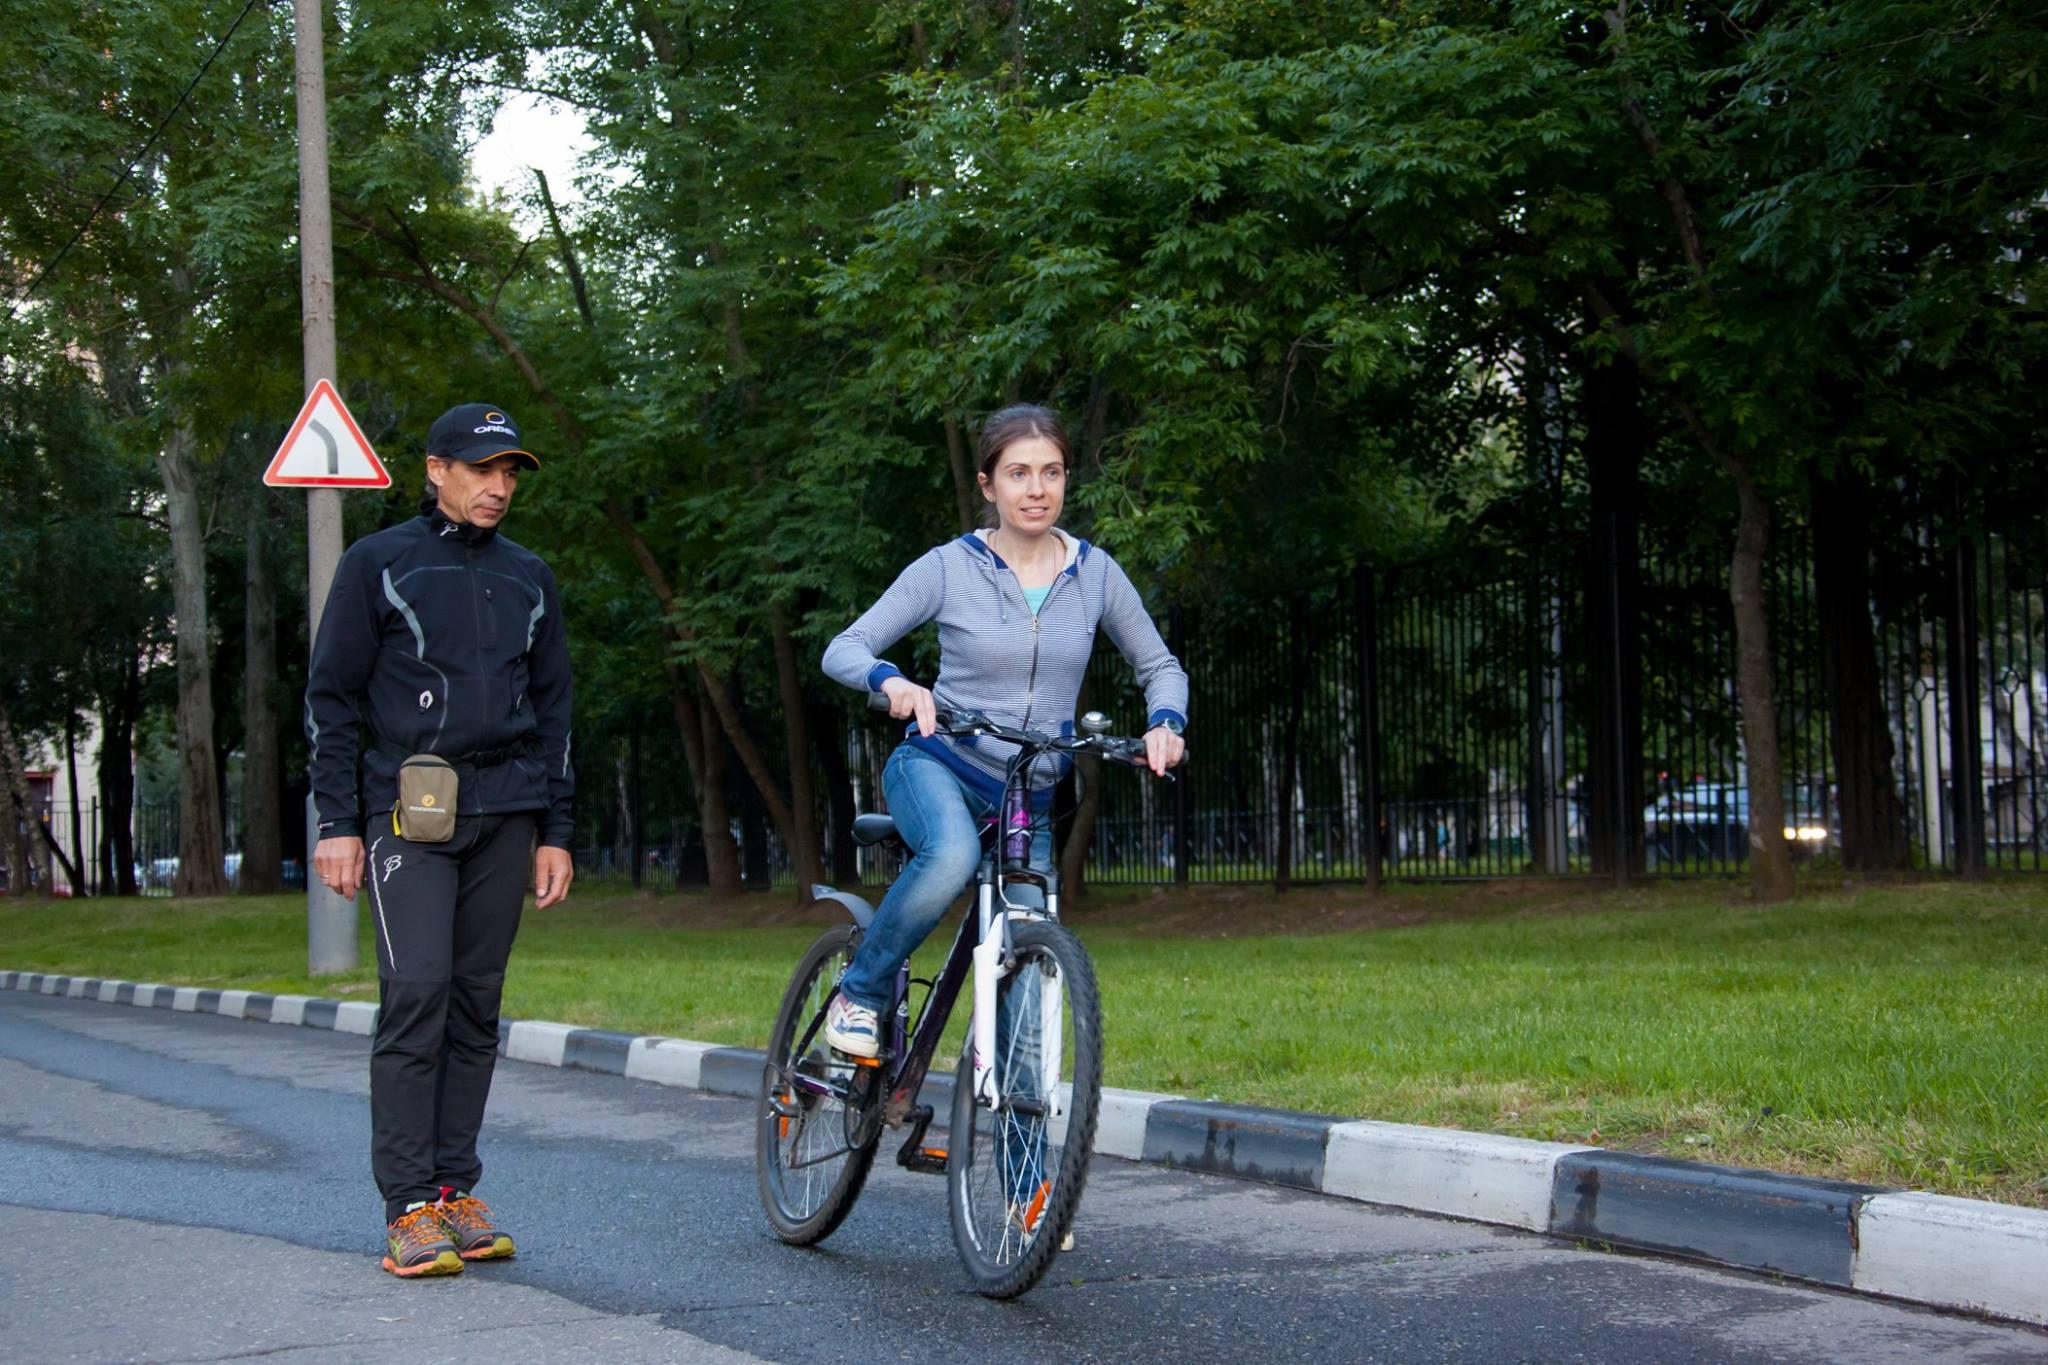 Клуб STRELA помогает взрослым и детям от 5 до 60 лет научиться кататься на велосипеде